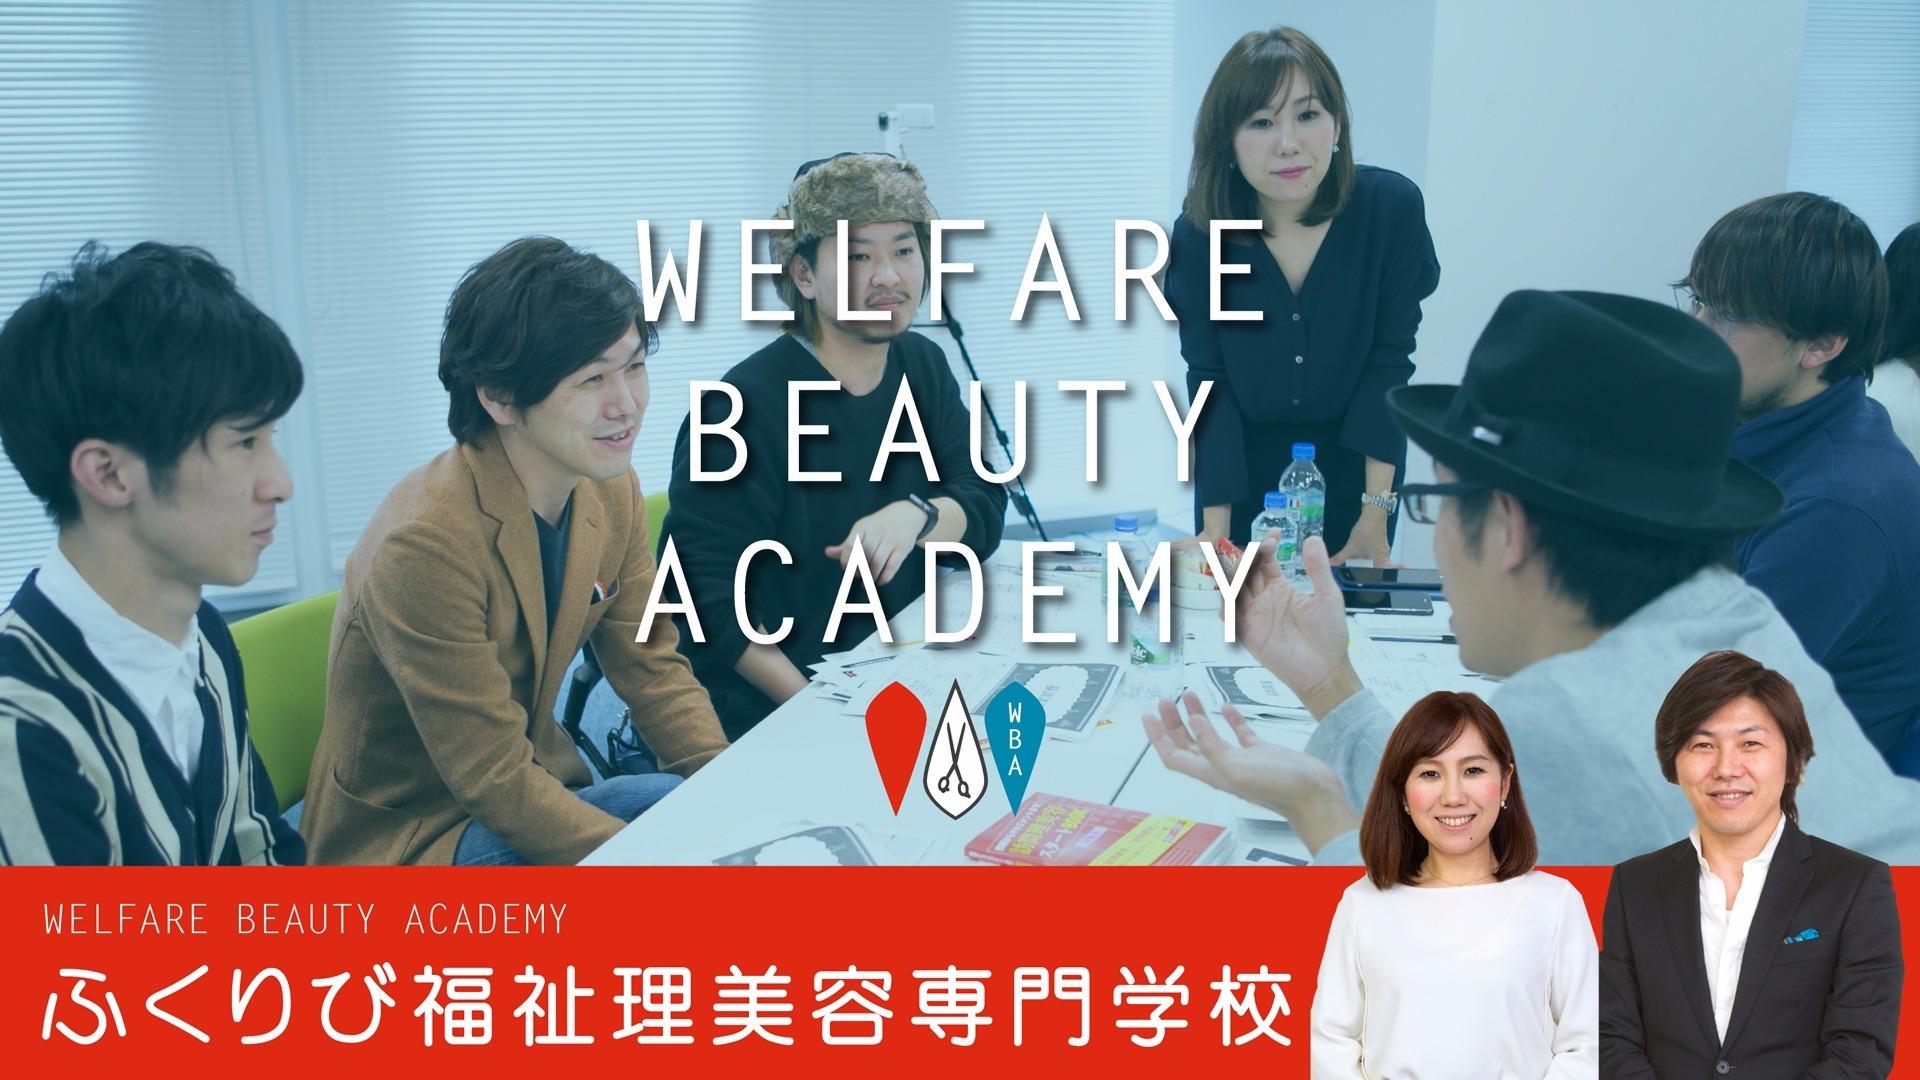 ふくりび福祉理美容専門学校(WBA)